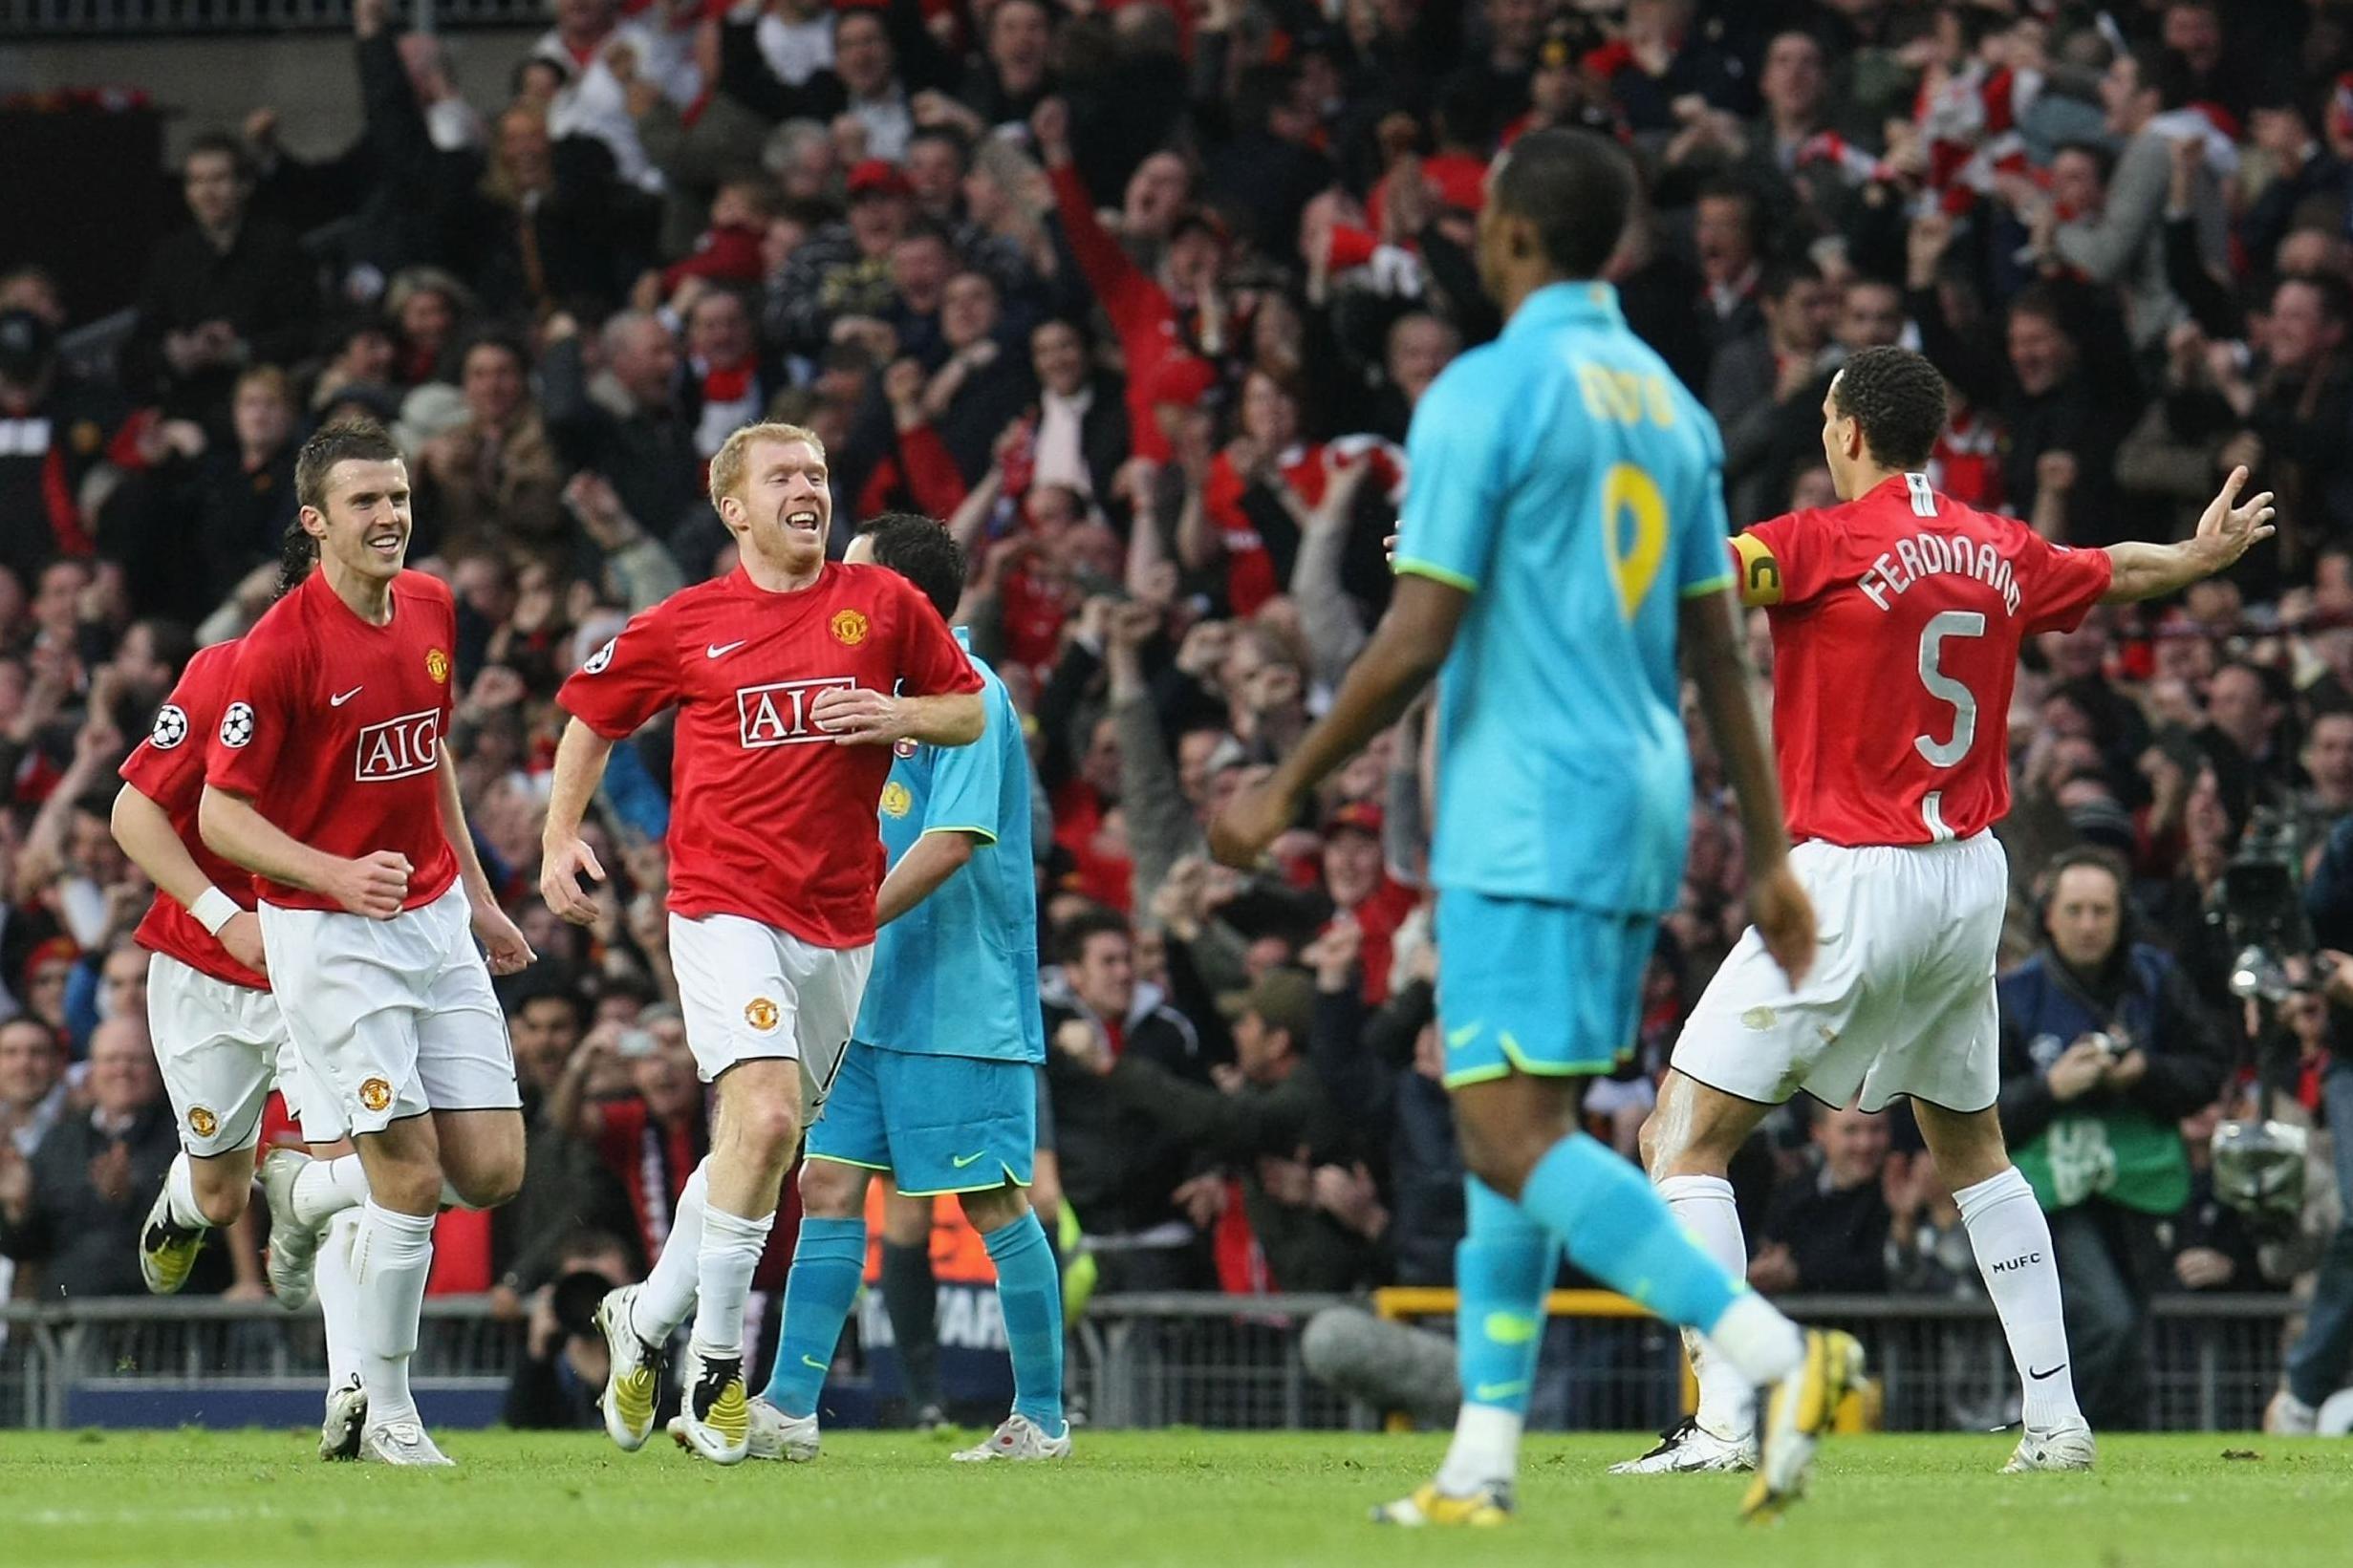 Man Utd - Barcelona, cặp đấu nhiều duyên nợ - Bóng Đá